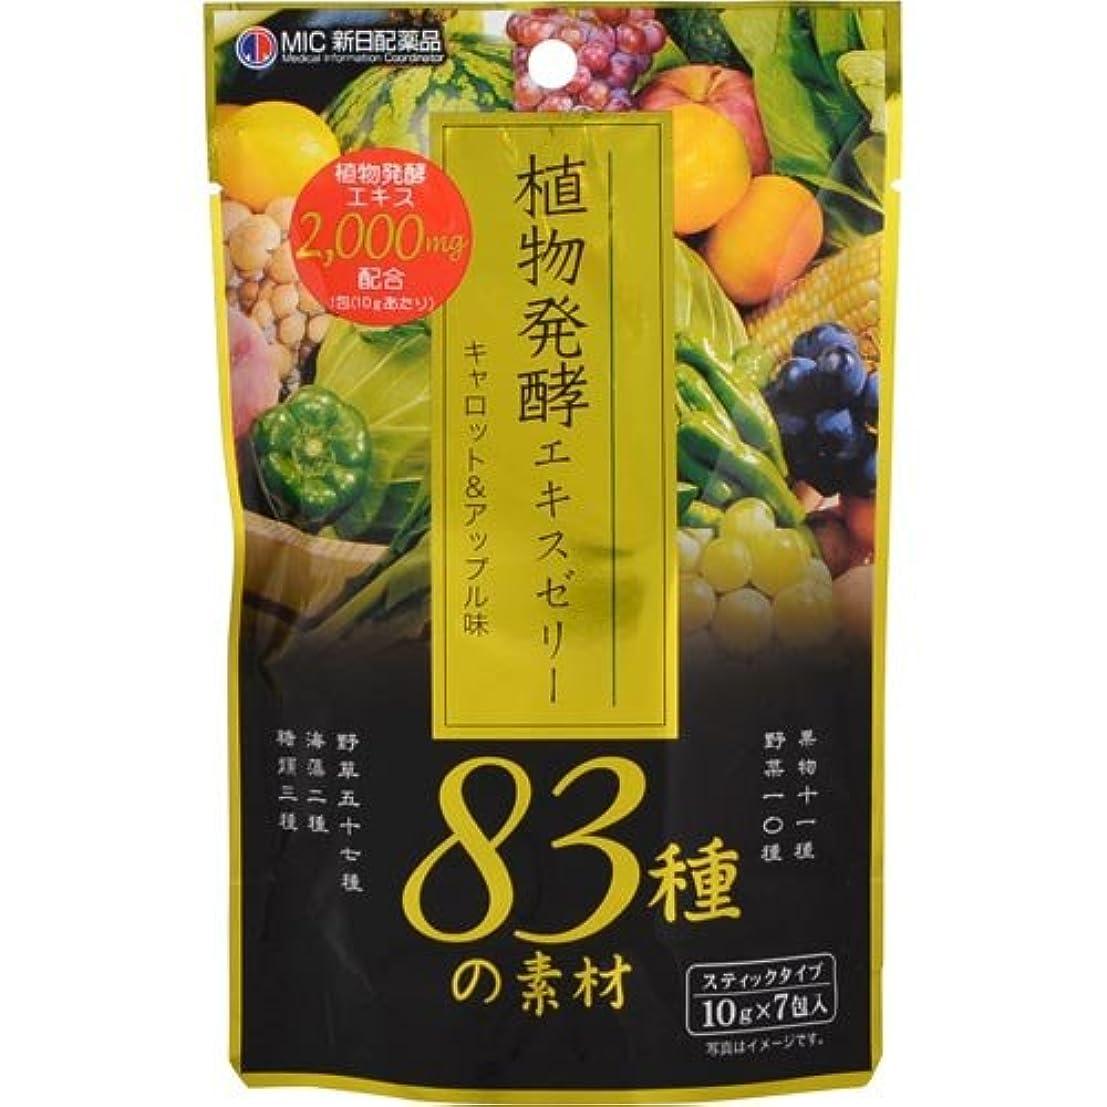 同封する時計販売計画植物醗酵エキスゼリー キャロット&アップル味 10g×7包